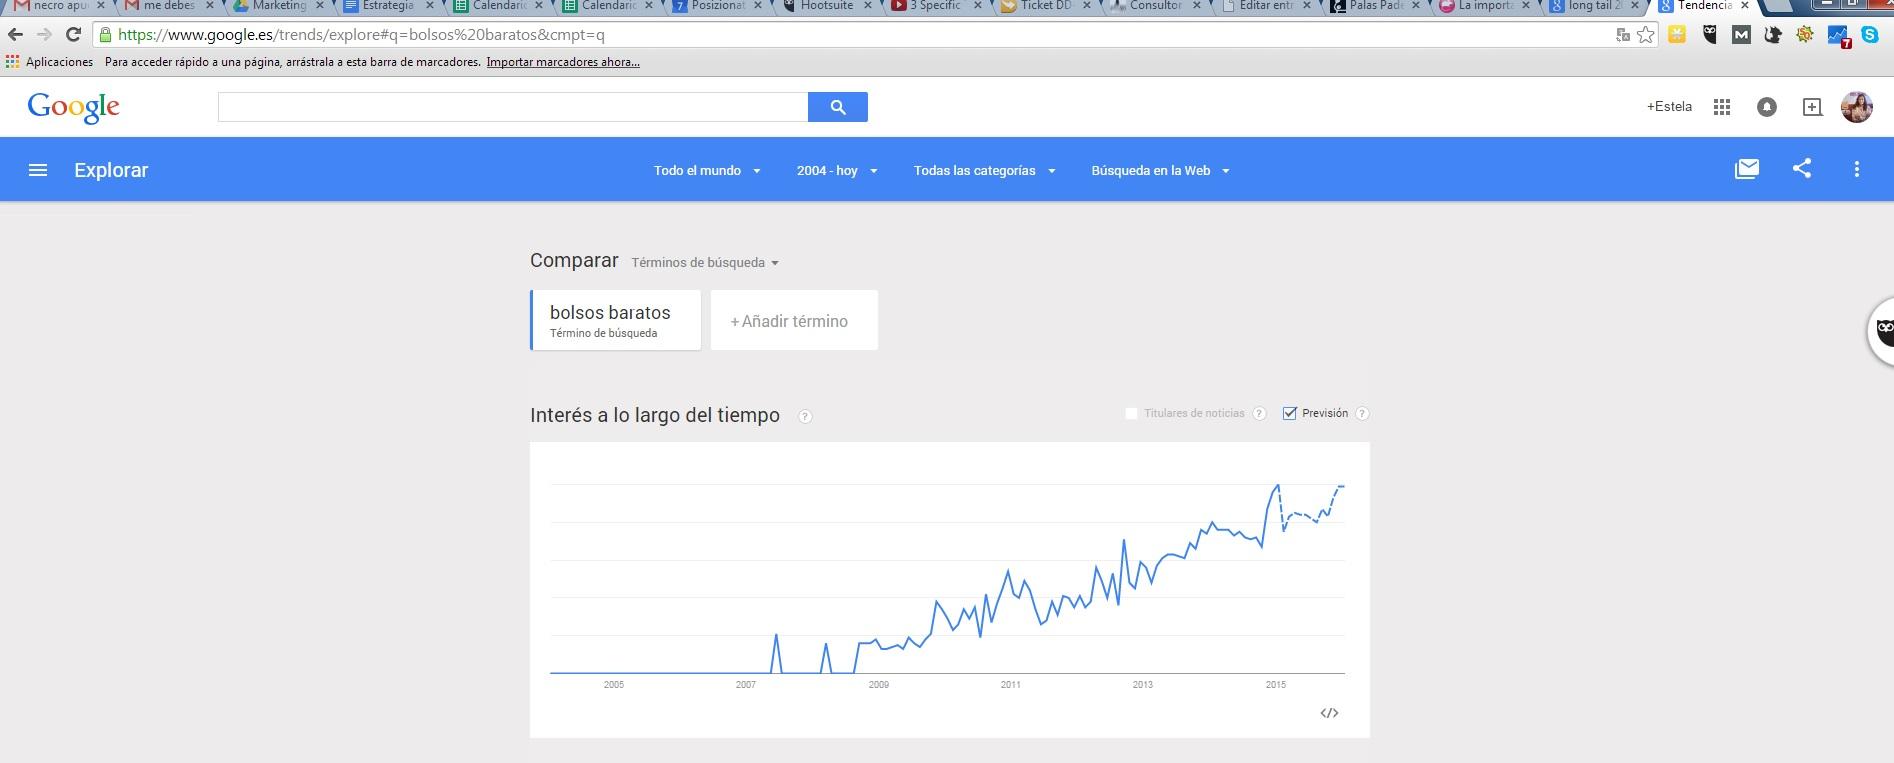 google_trenns_longtail